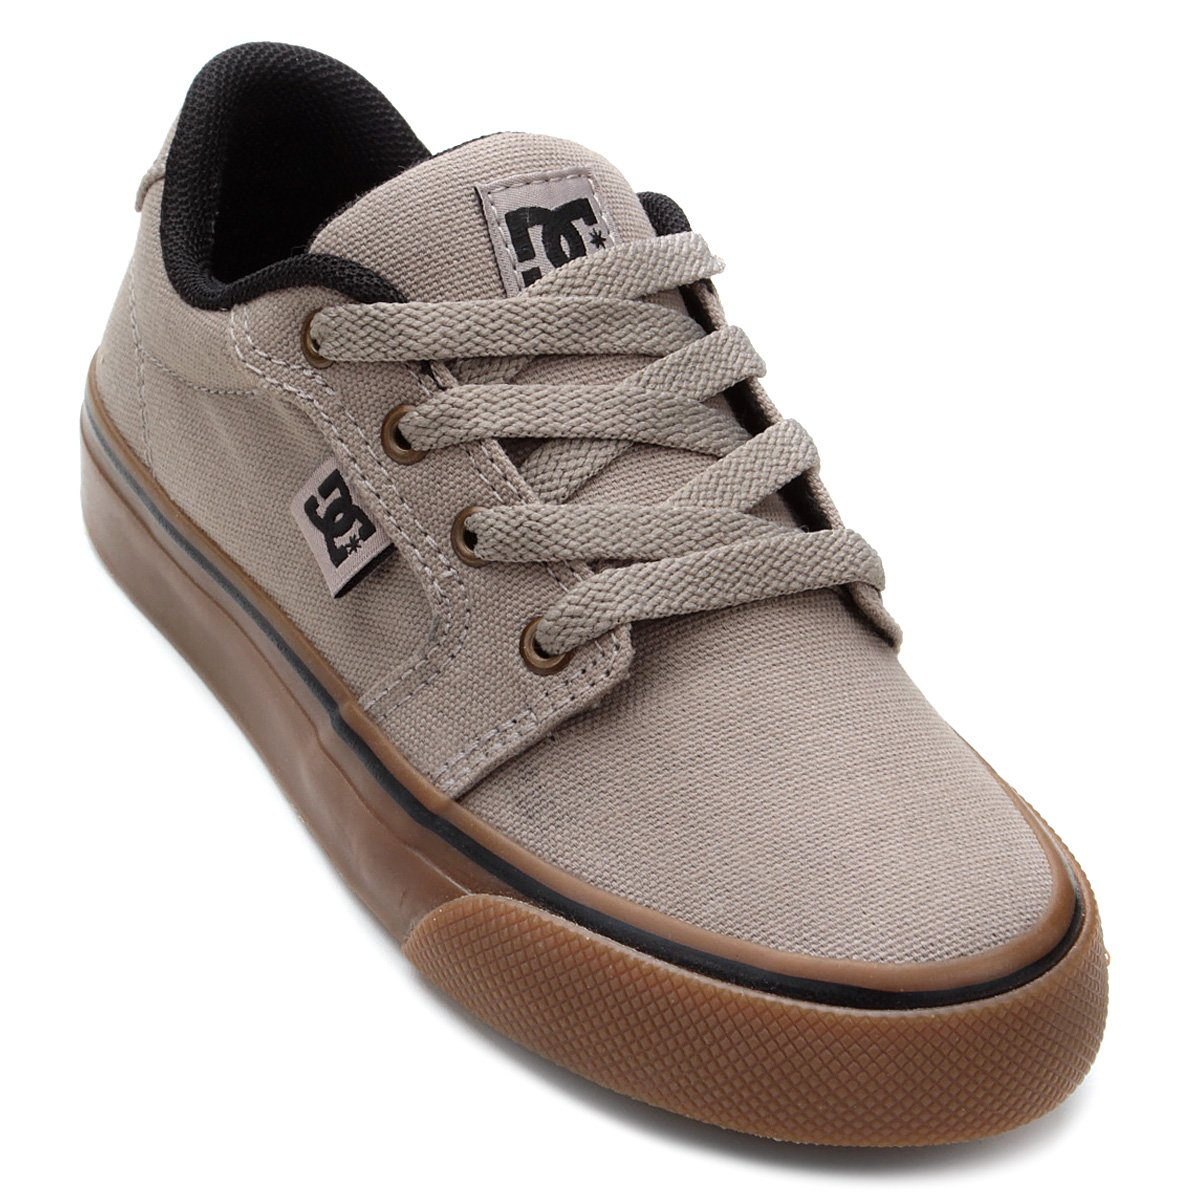 249aca5c67 Tênis Infantil DC Shoes Anvil Tx La Masculino